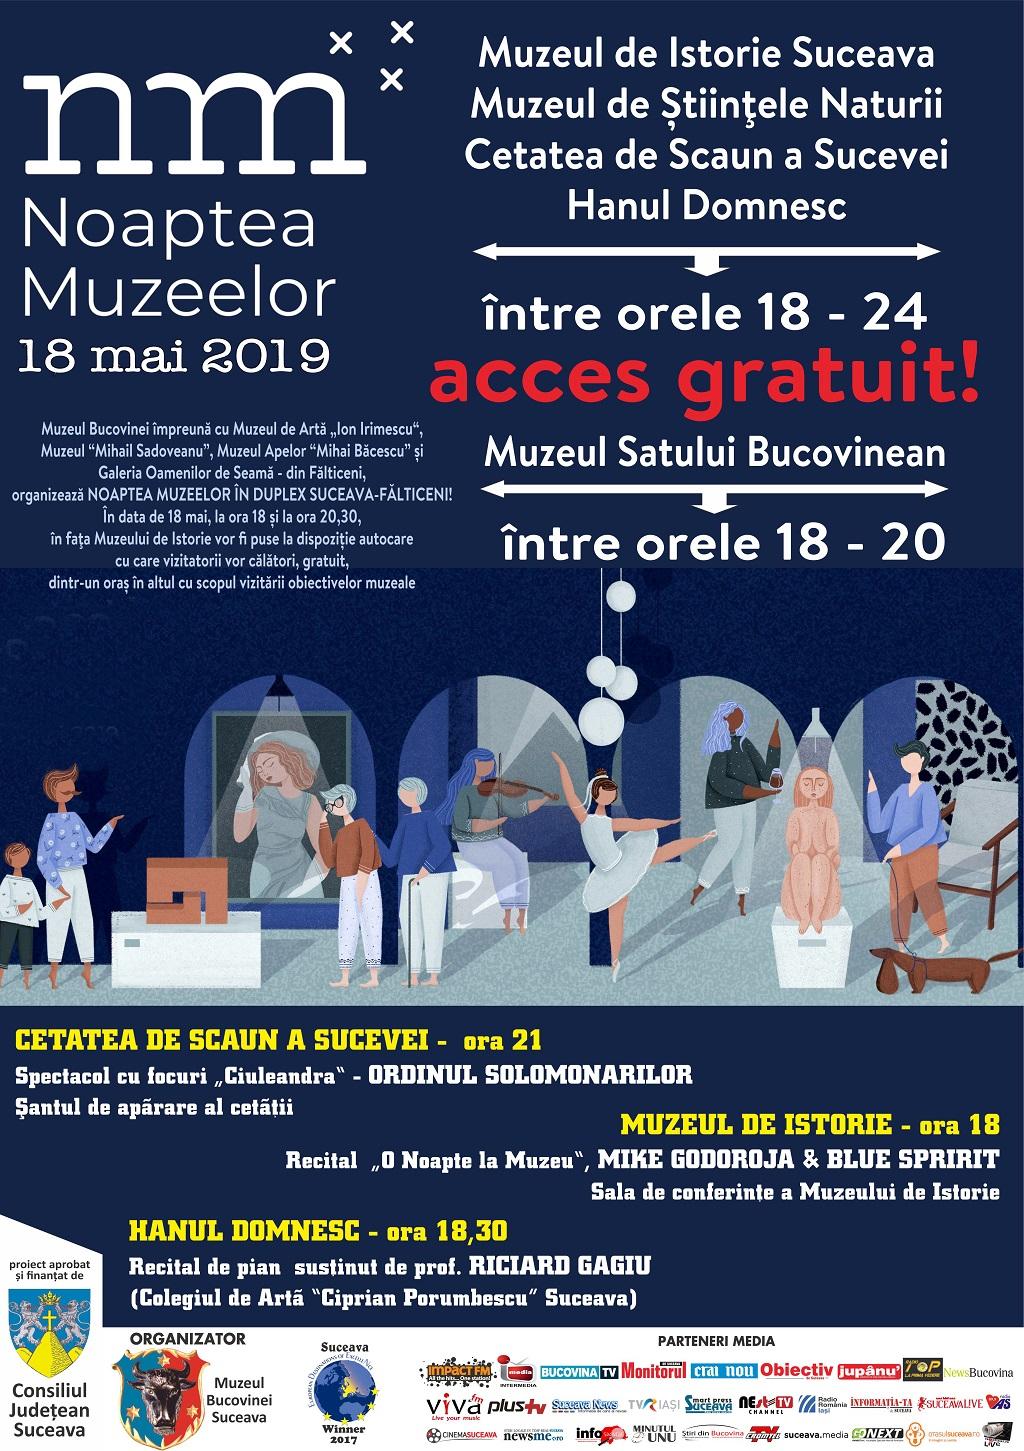 noaptea muzeelor 2019 cu program